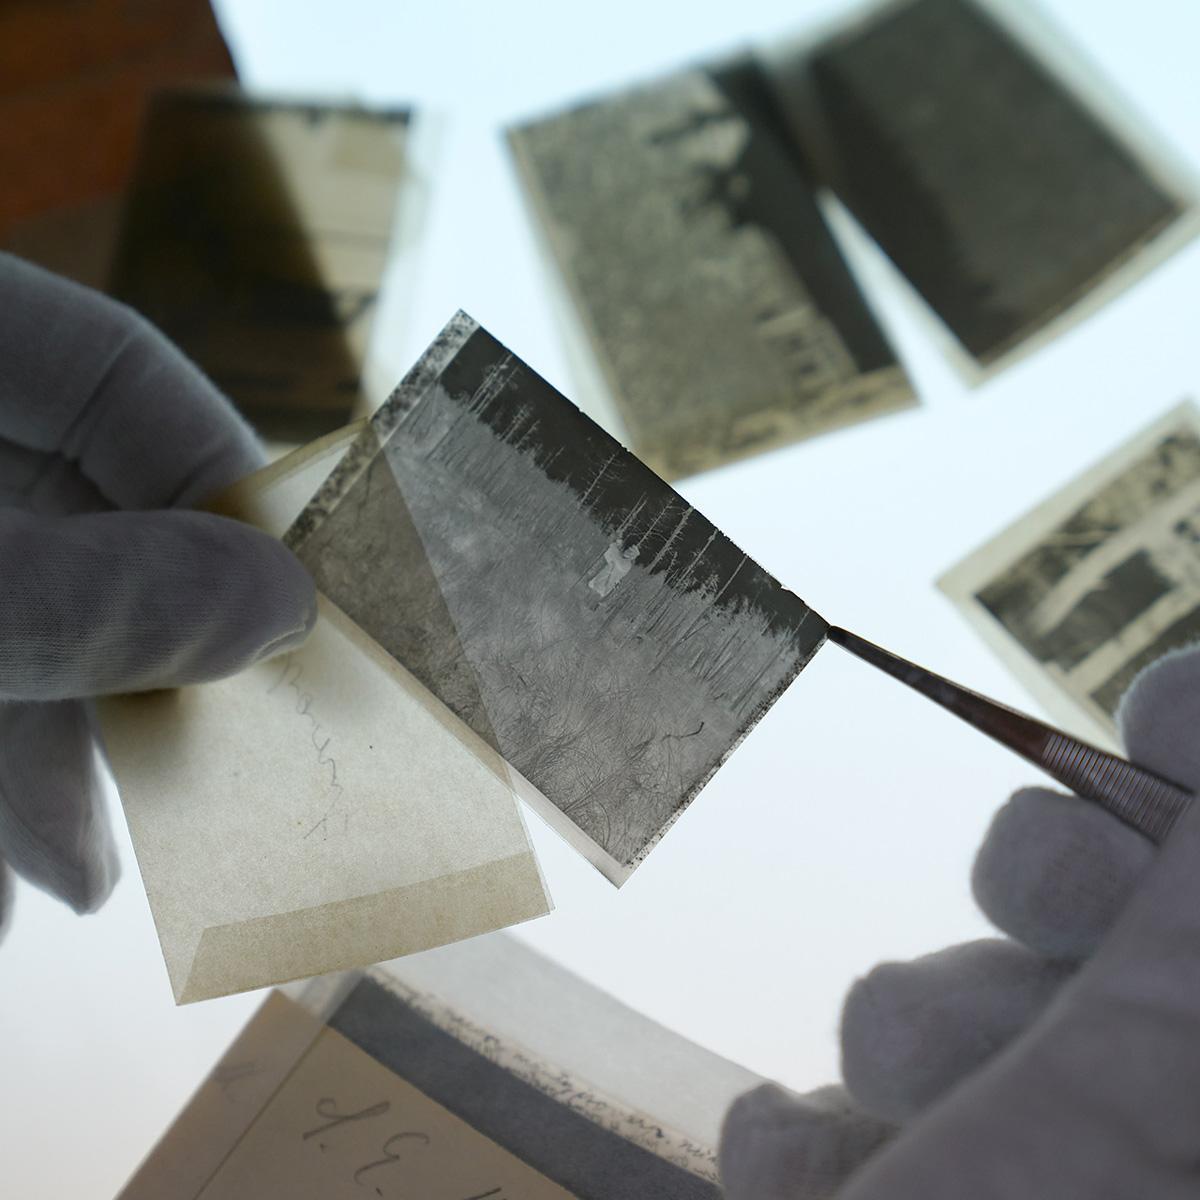 Vanhan valokuvanegatiivin käsittelyä varovasti pinseteillä ja hanskat kädessä. Taustalla valopöydällä muita vanhoja negatiiveja.